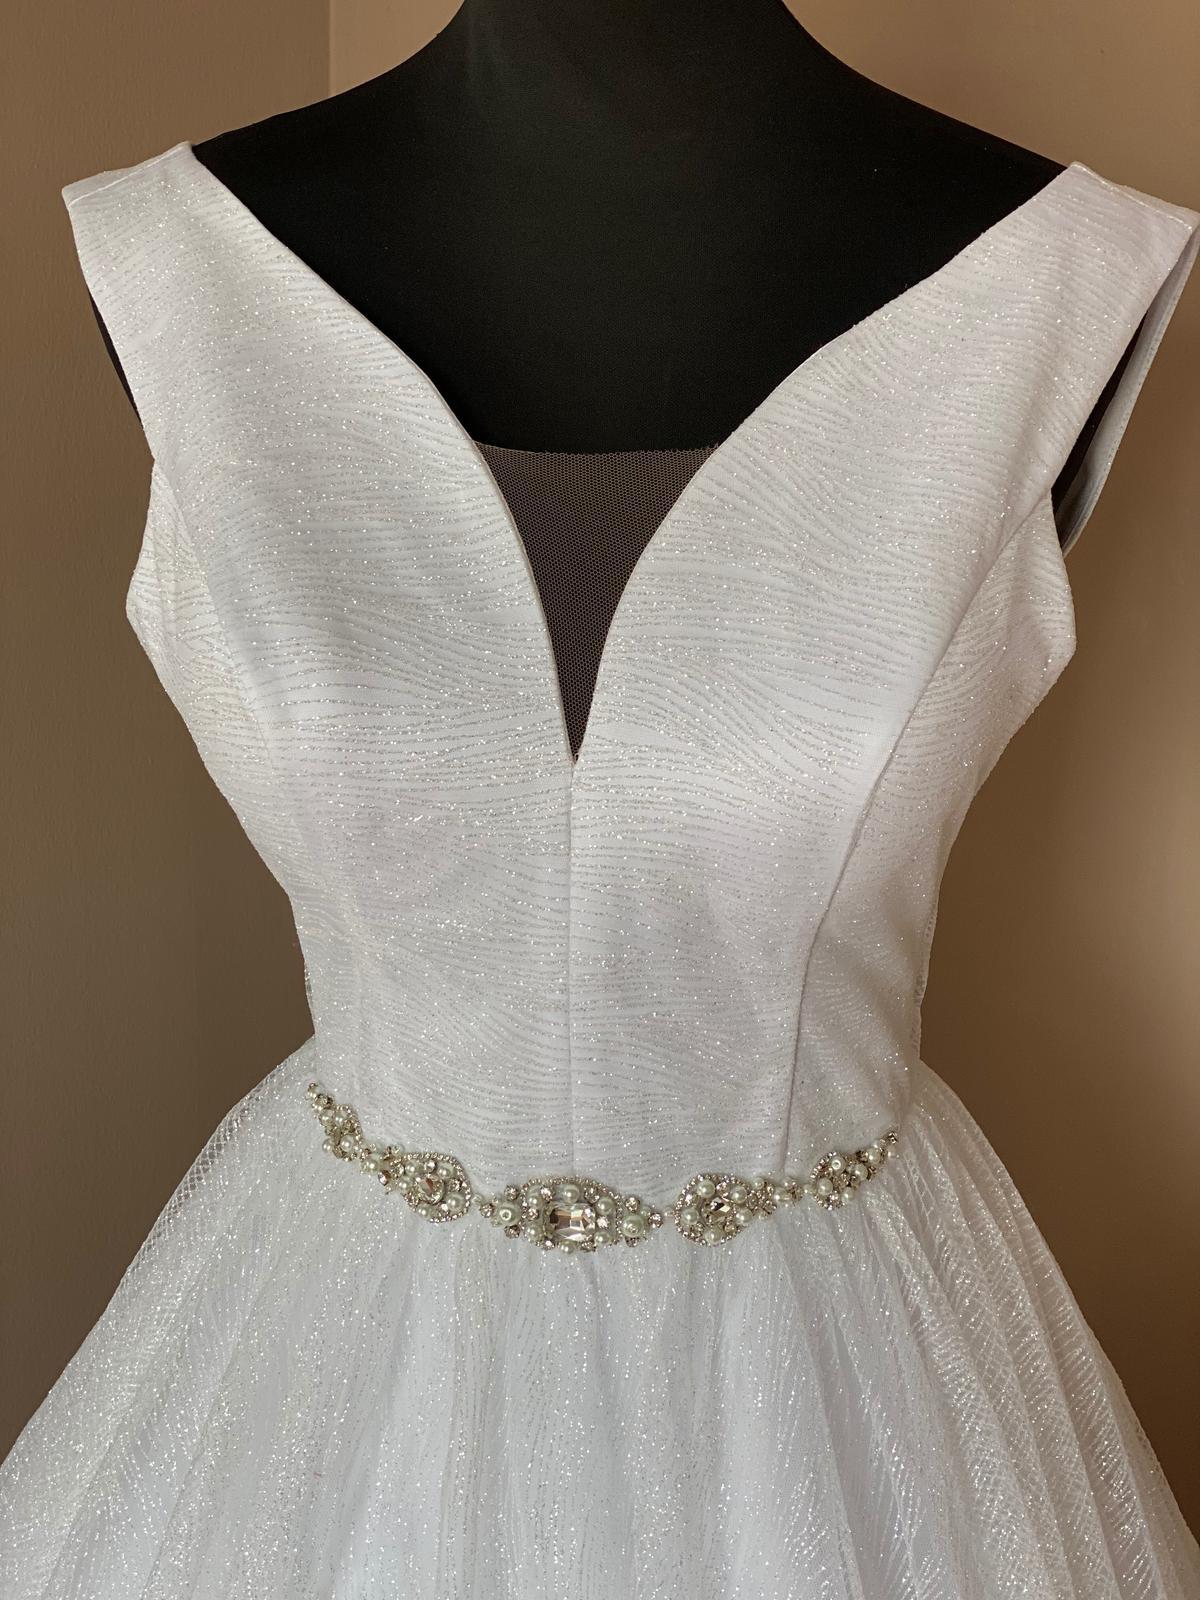 Bílé svatební šaty,nové - Obrázek č. 1